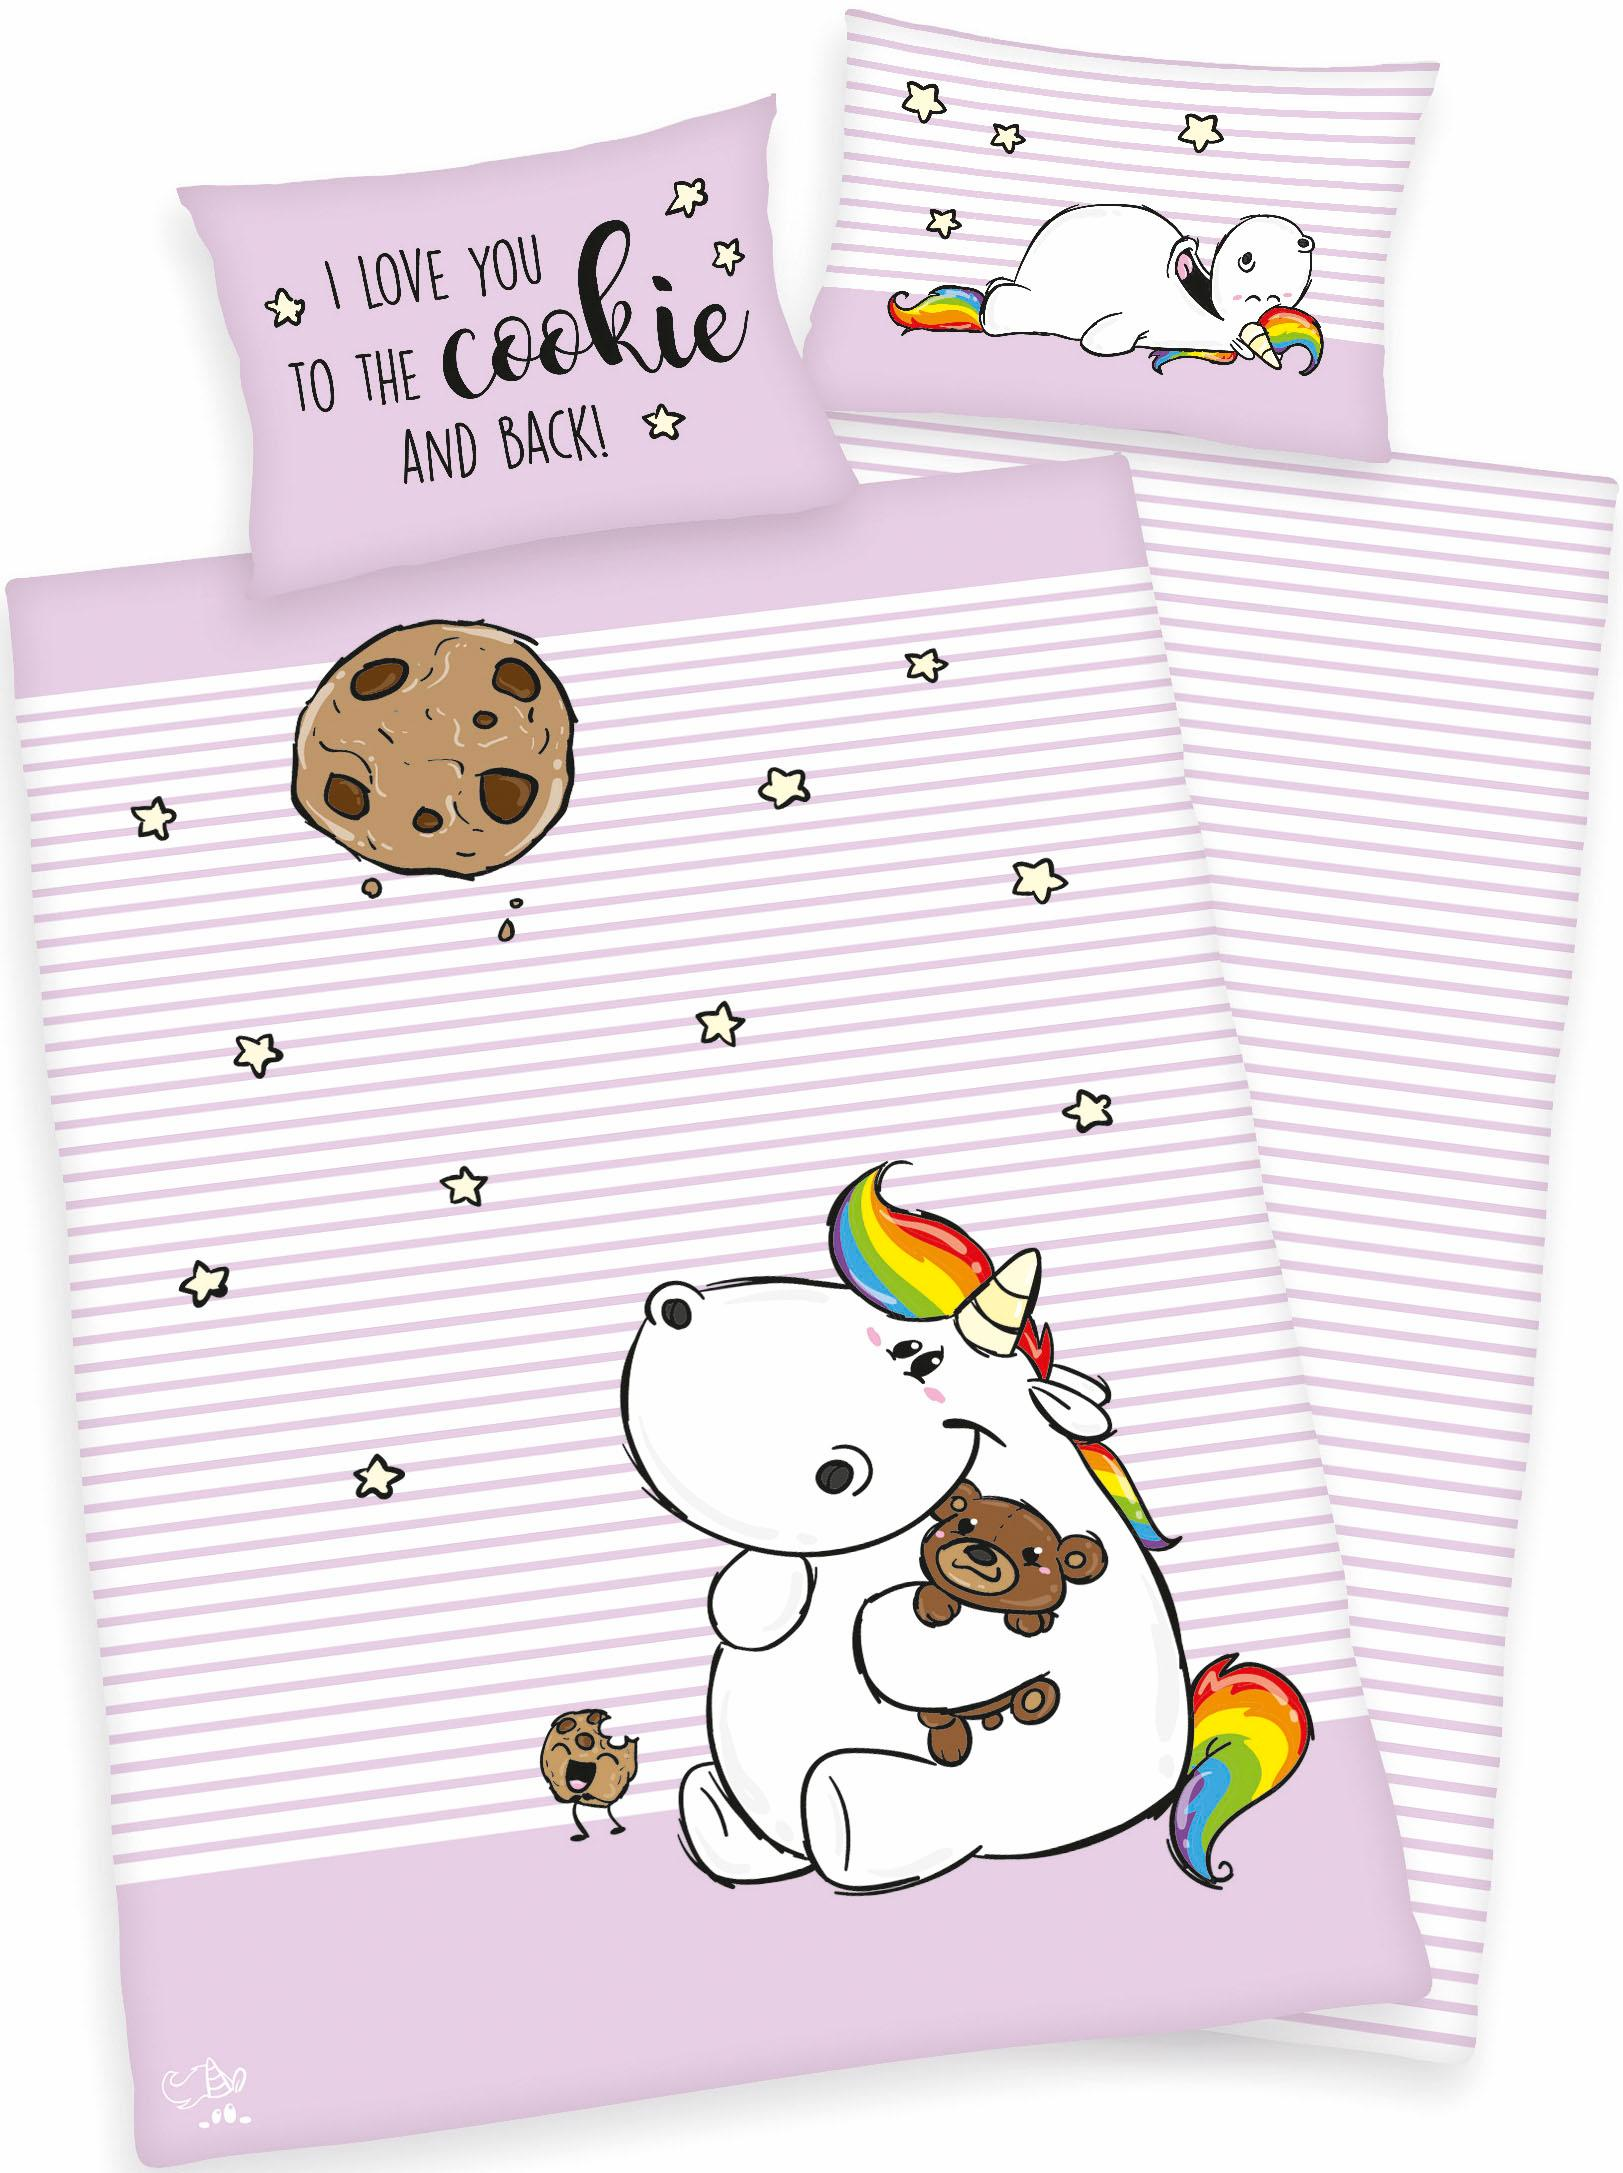 Babybettwäsche Cookie Pummeleinhorn | Kinderzimmer > Textilien für Kinder > Kinderbettwäsche | Rosa | Pummeleinhorn